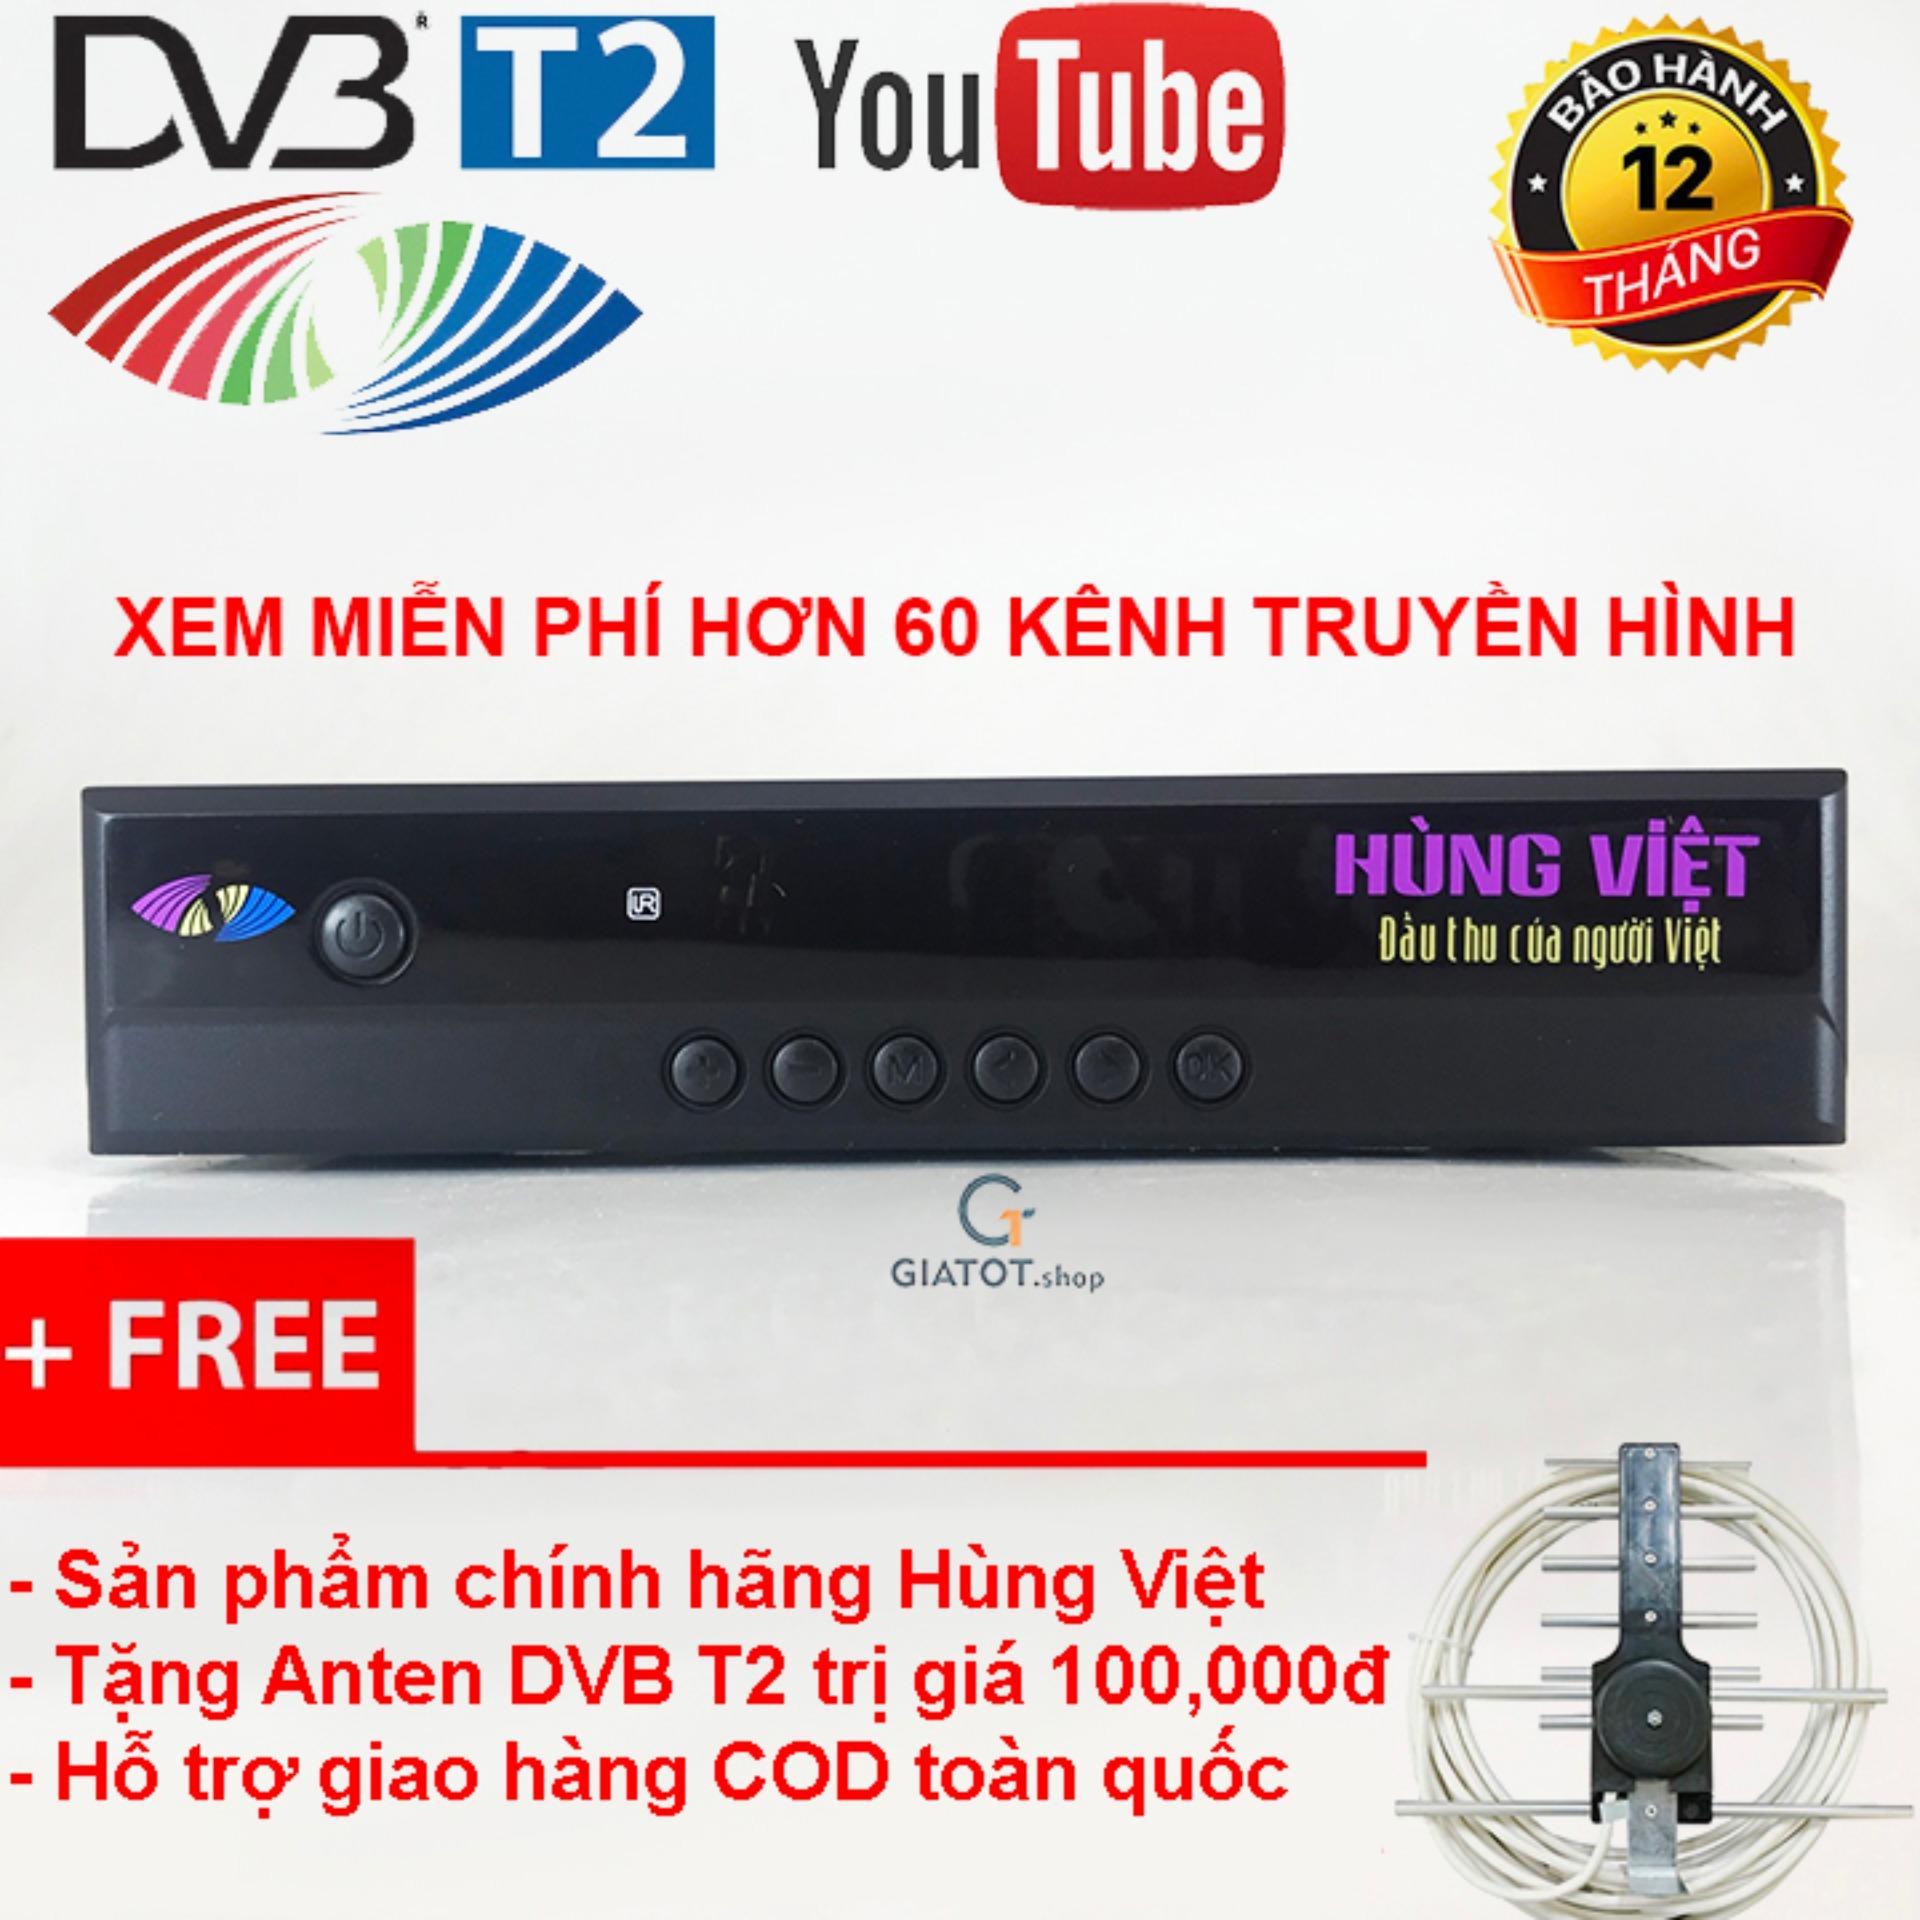 Hình ảnh Đầu thu kỹ thuật số DVB T2 HÙNG VIỆT HD-789s tặng Anten DVB T2